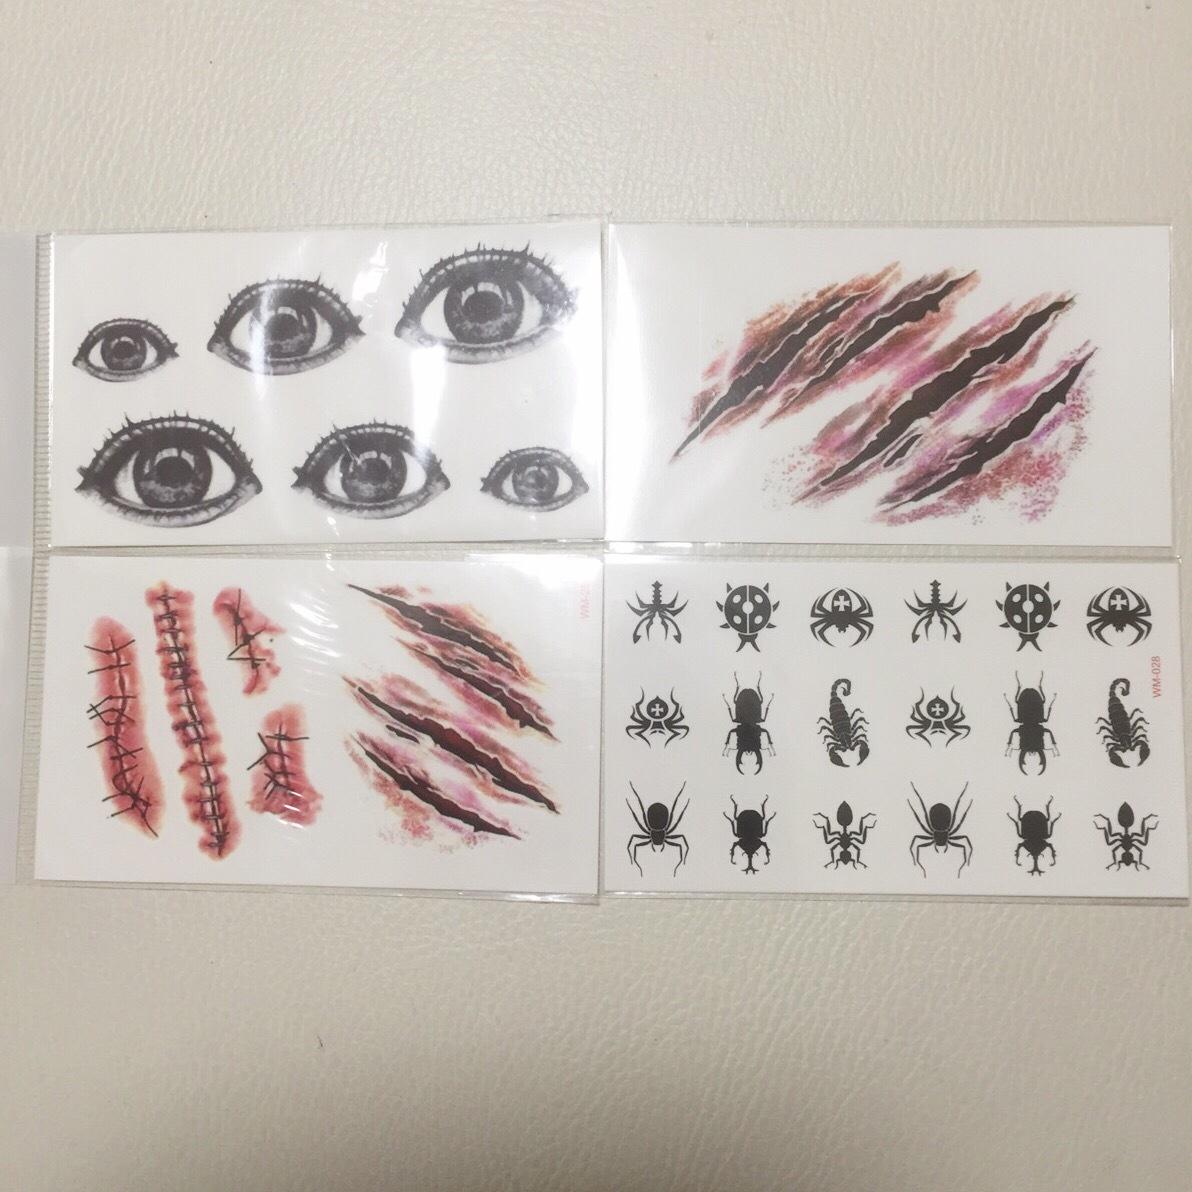 【クール系】タトゥーシール【血】傷跡2枚&目&虫